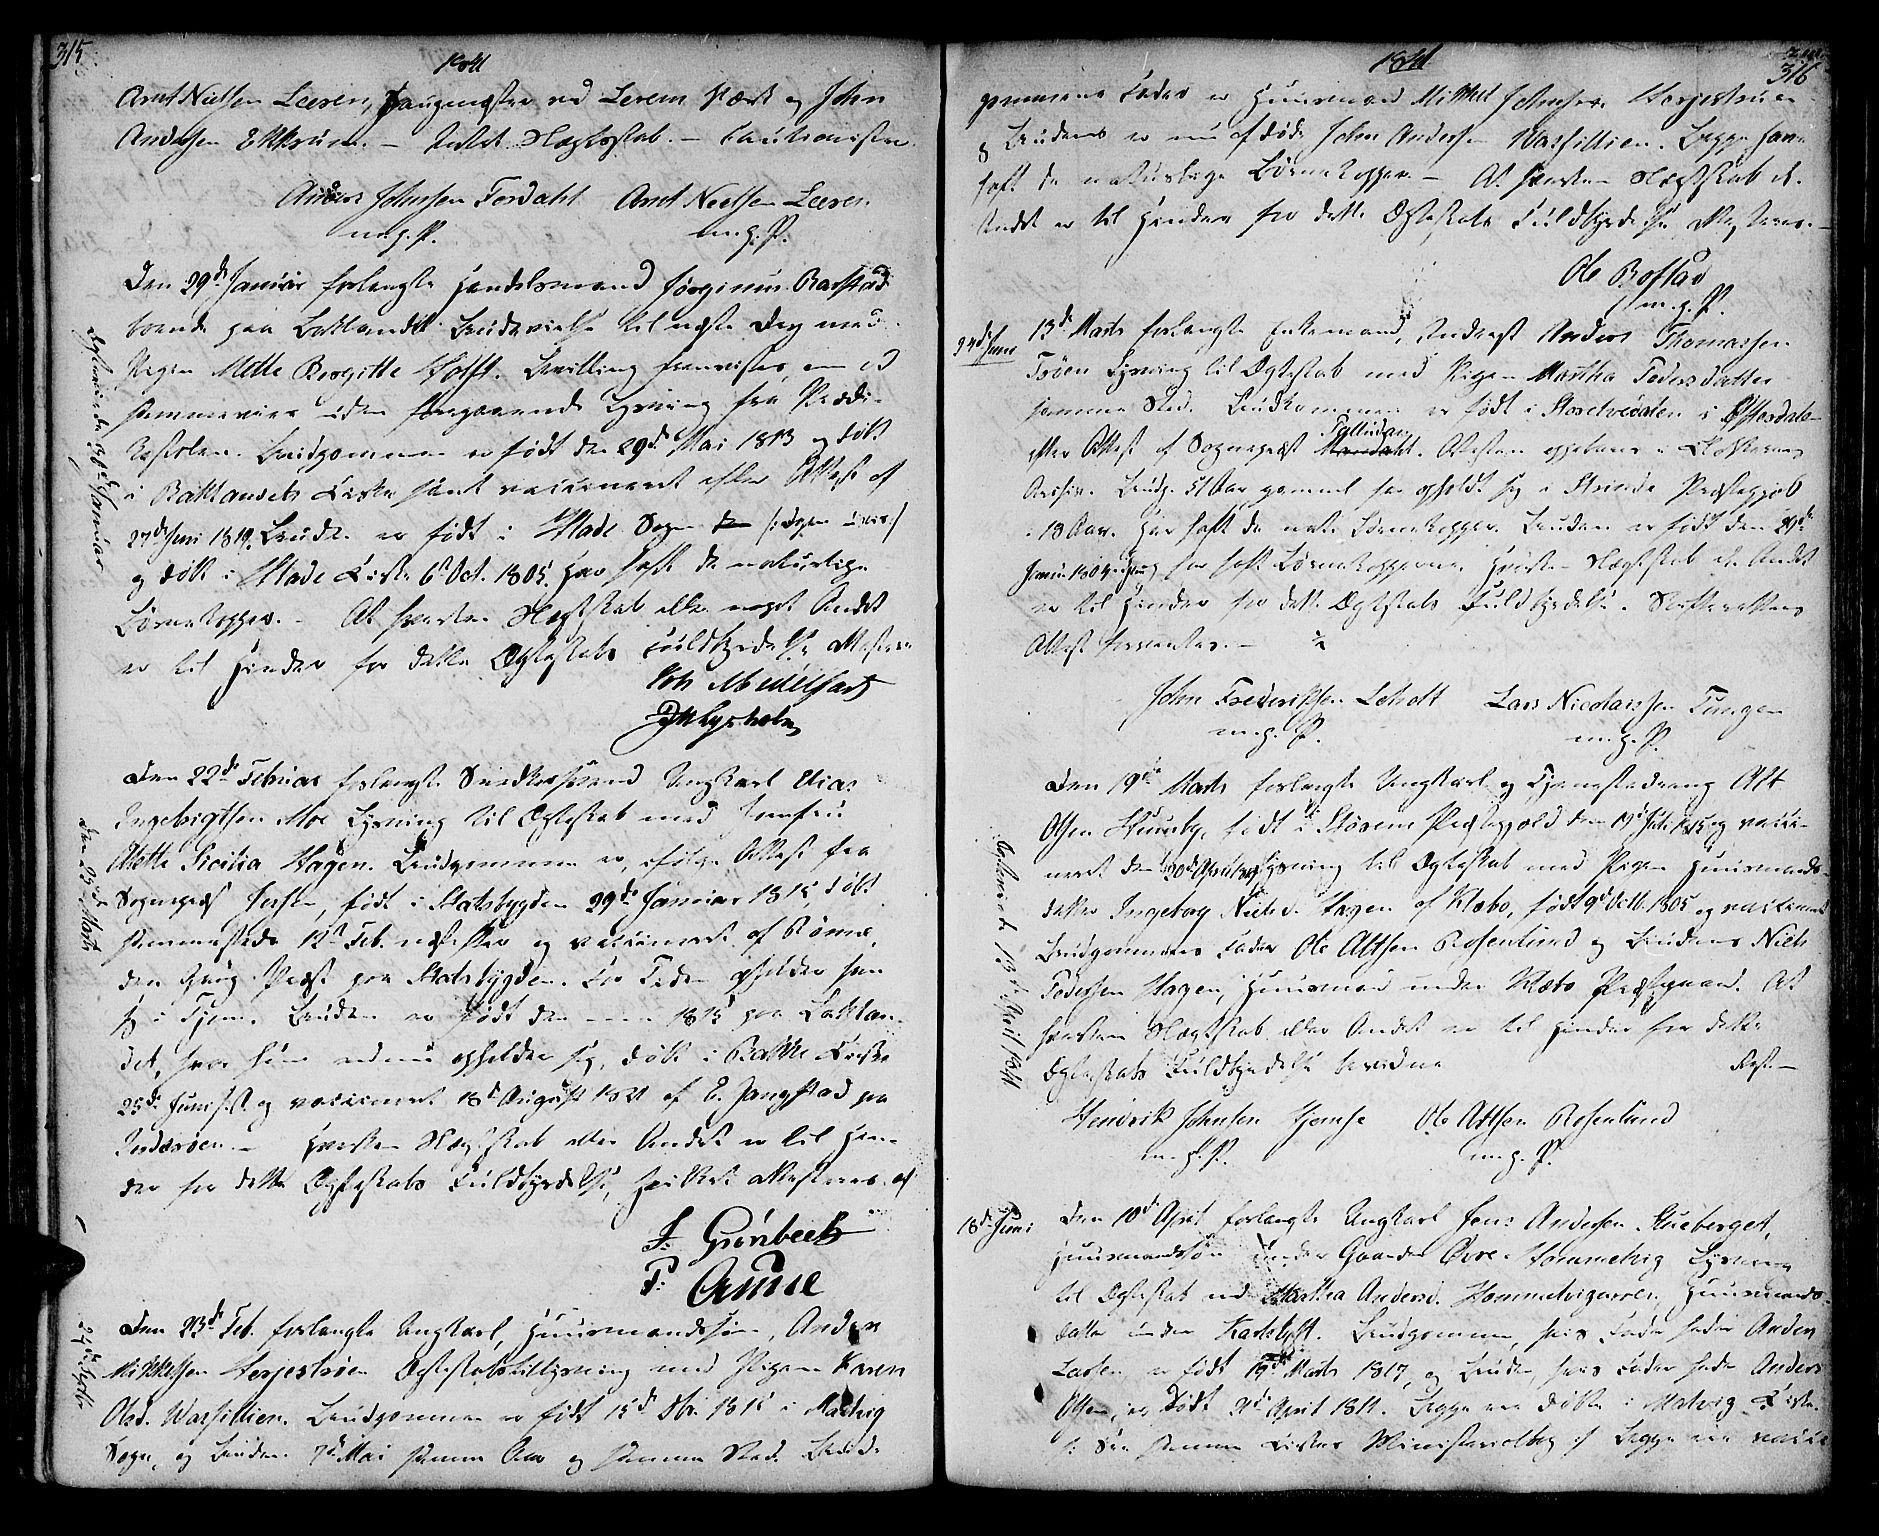 SAT, Ministerialprotokoller, klokkerbøker og fødselsregistre - Sør-Trøndelag, 604/L0181: Ministerialbok nr. 604A02, 1798-1817, s. 315-316